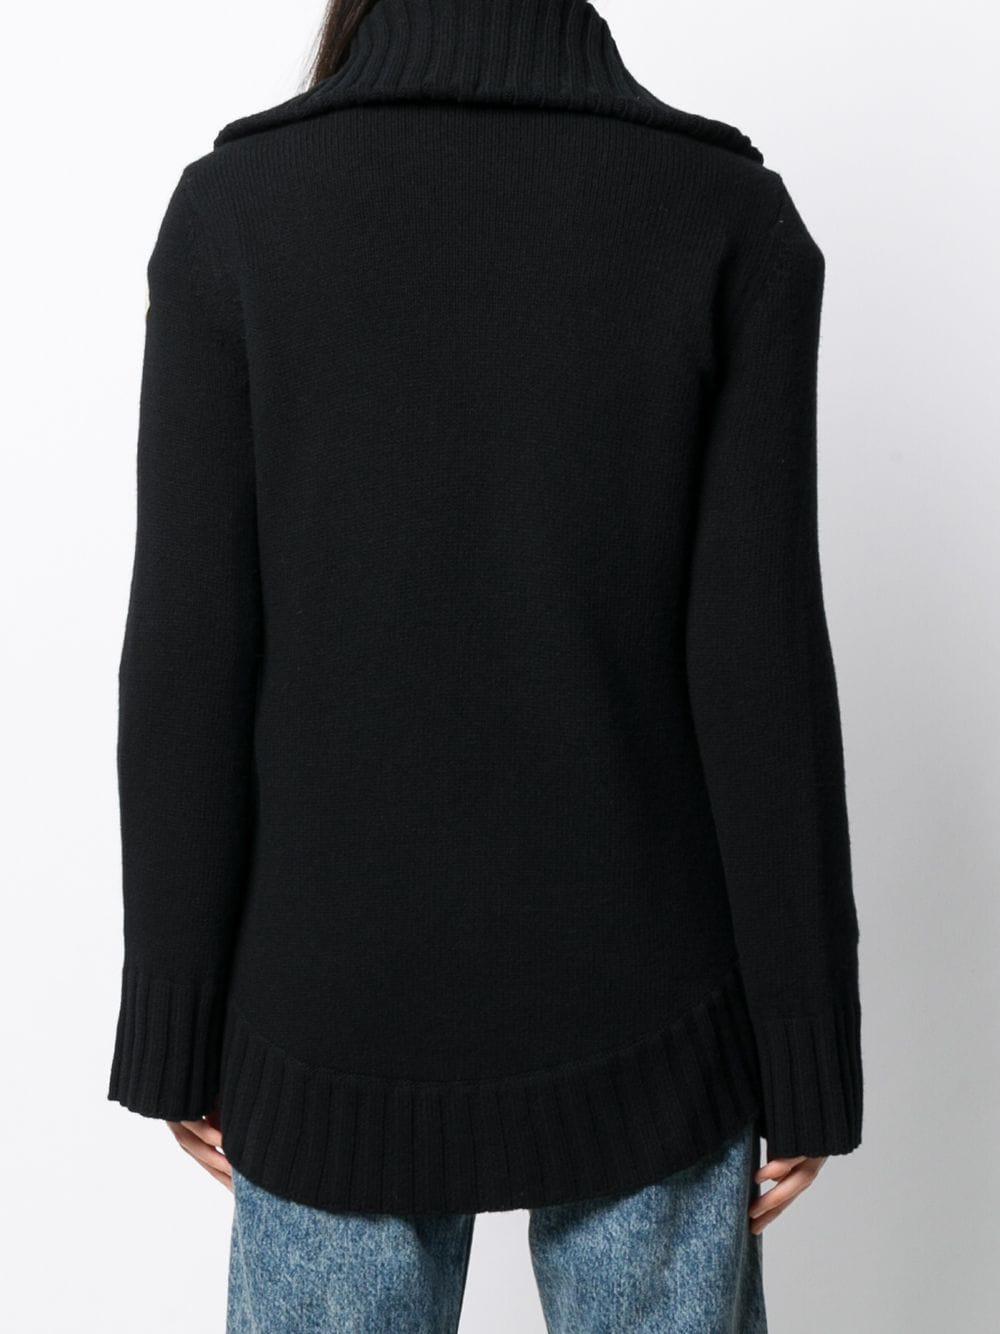 giacca in maglia di lana vergine e imbottitura in piuma MONCLER | Cardigan | 9B516-00-A9197999